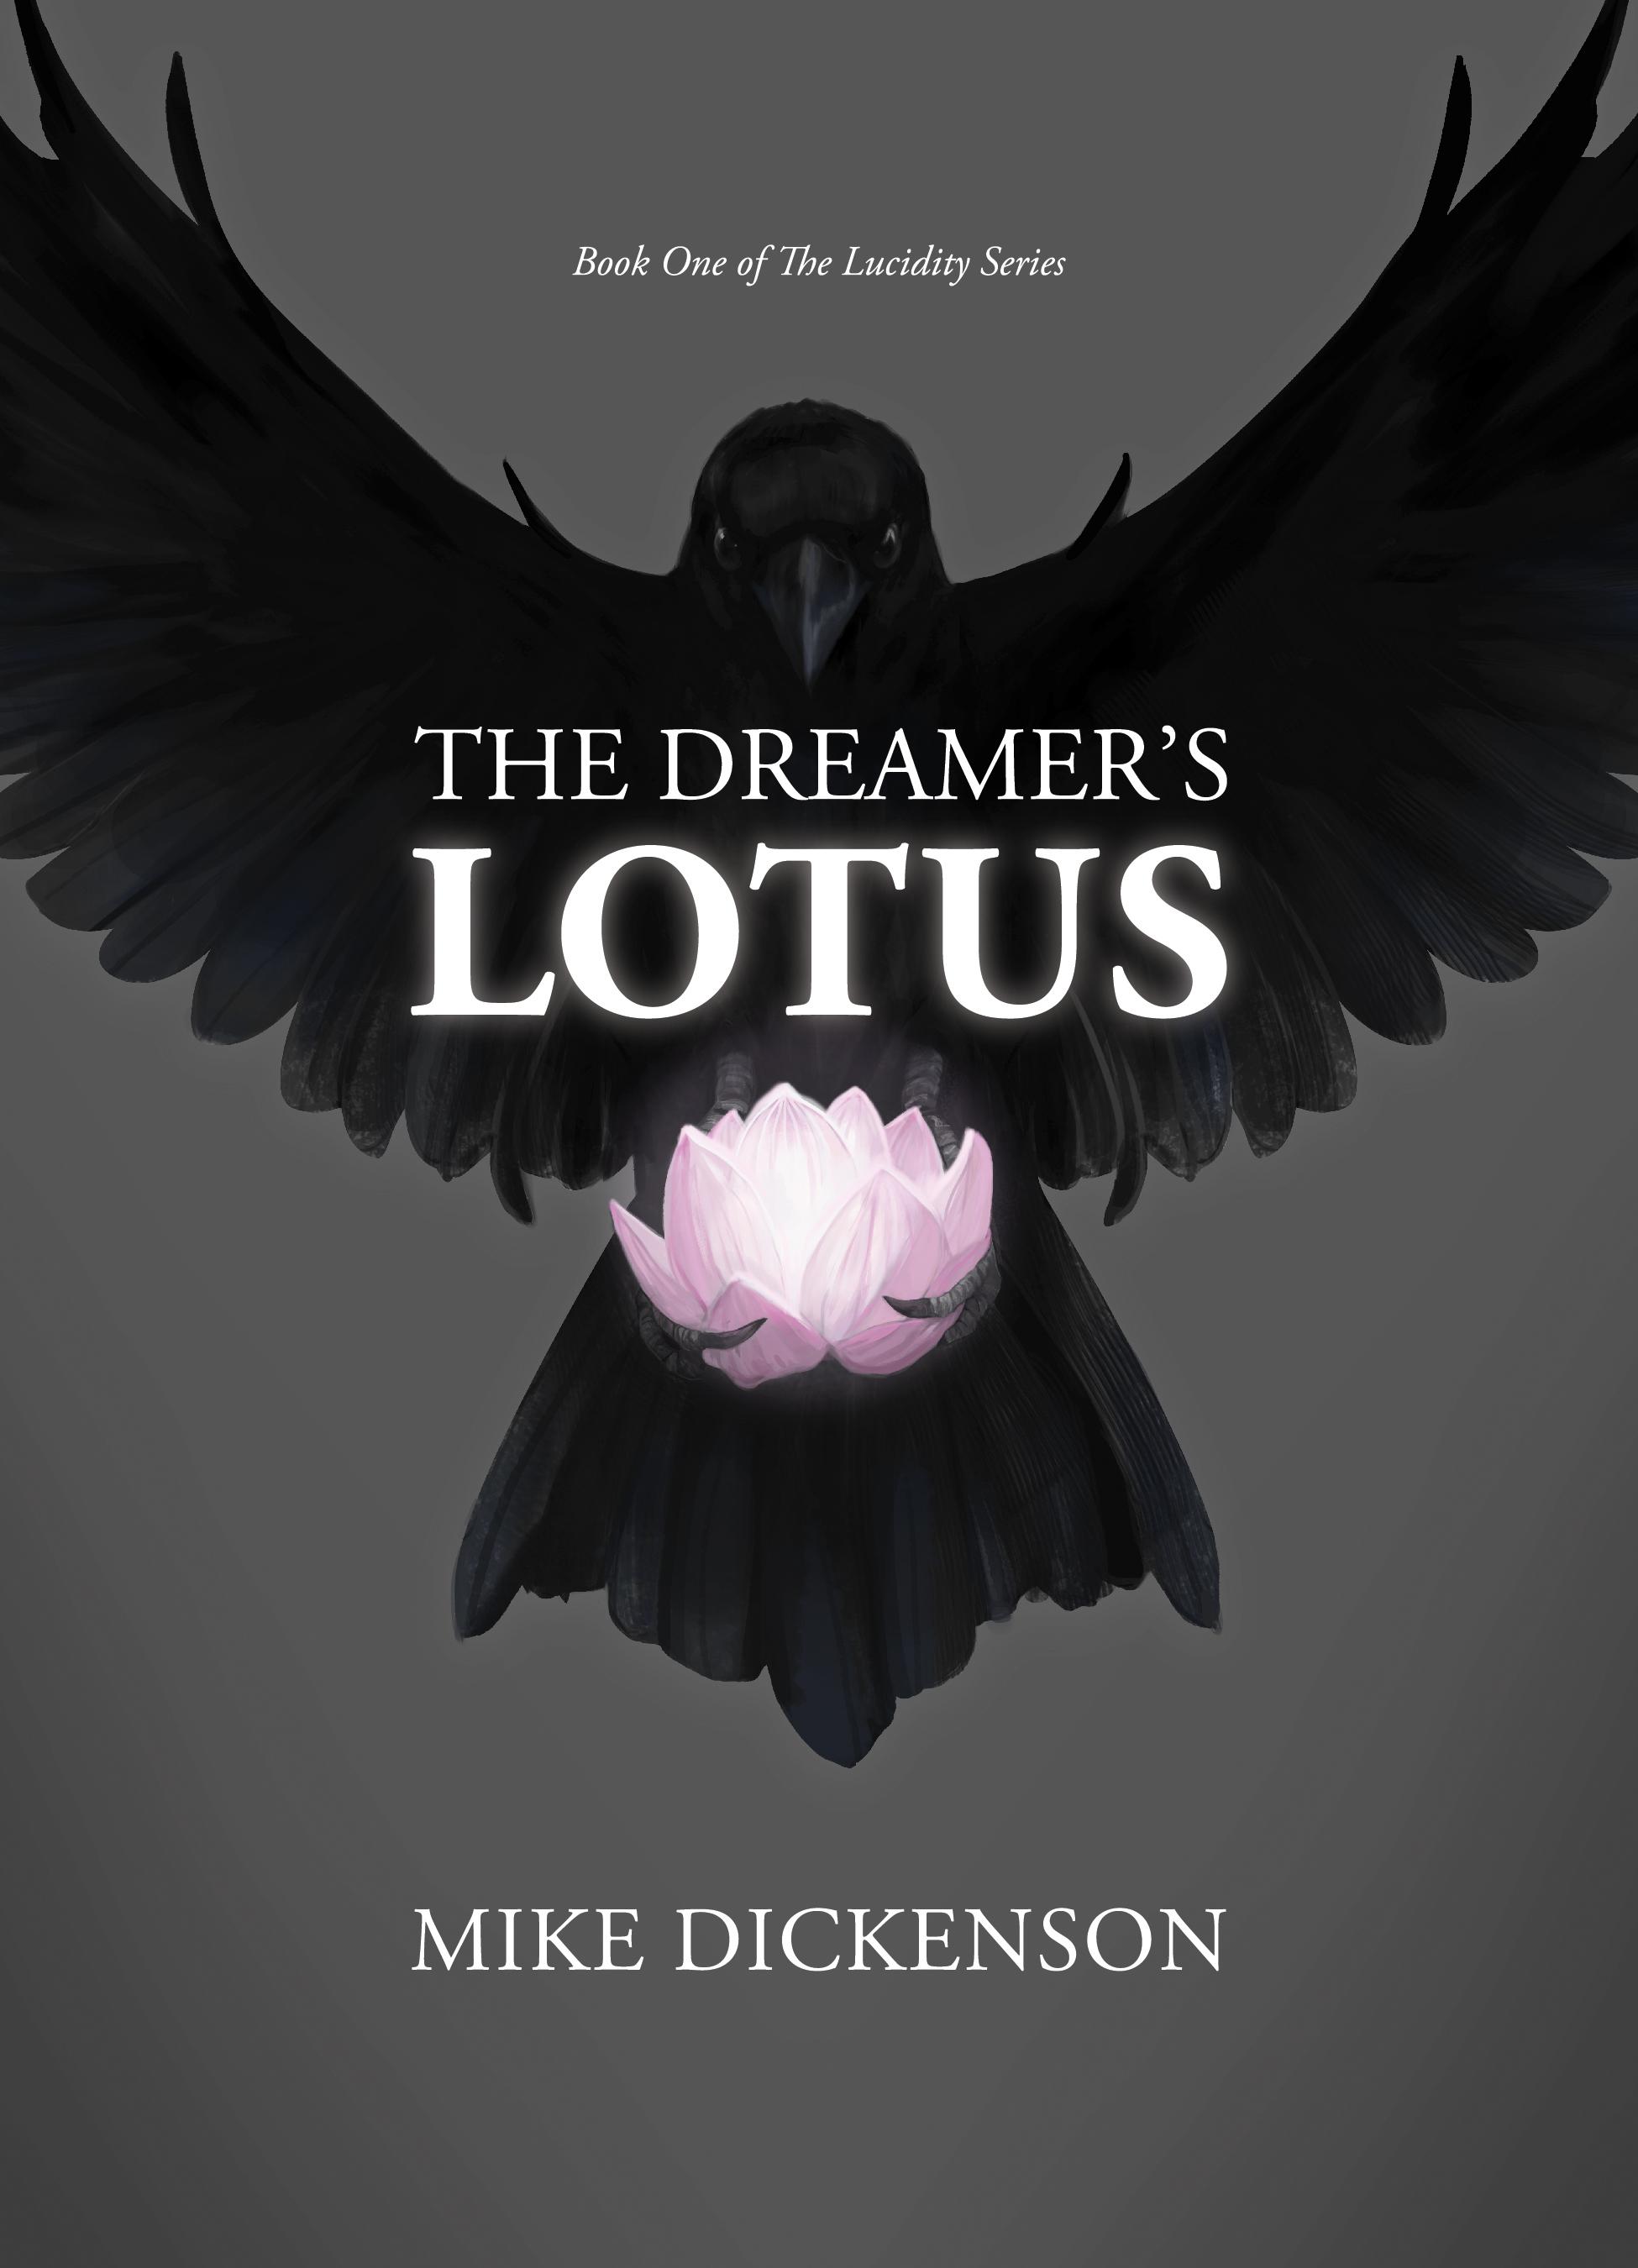 DreamersLotus_eBook-final (4).jpg